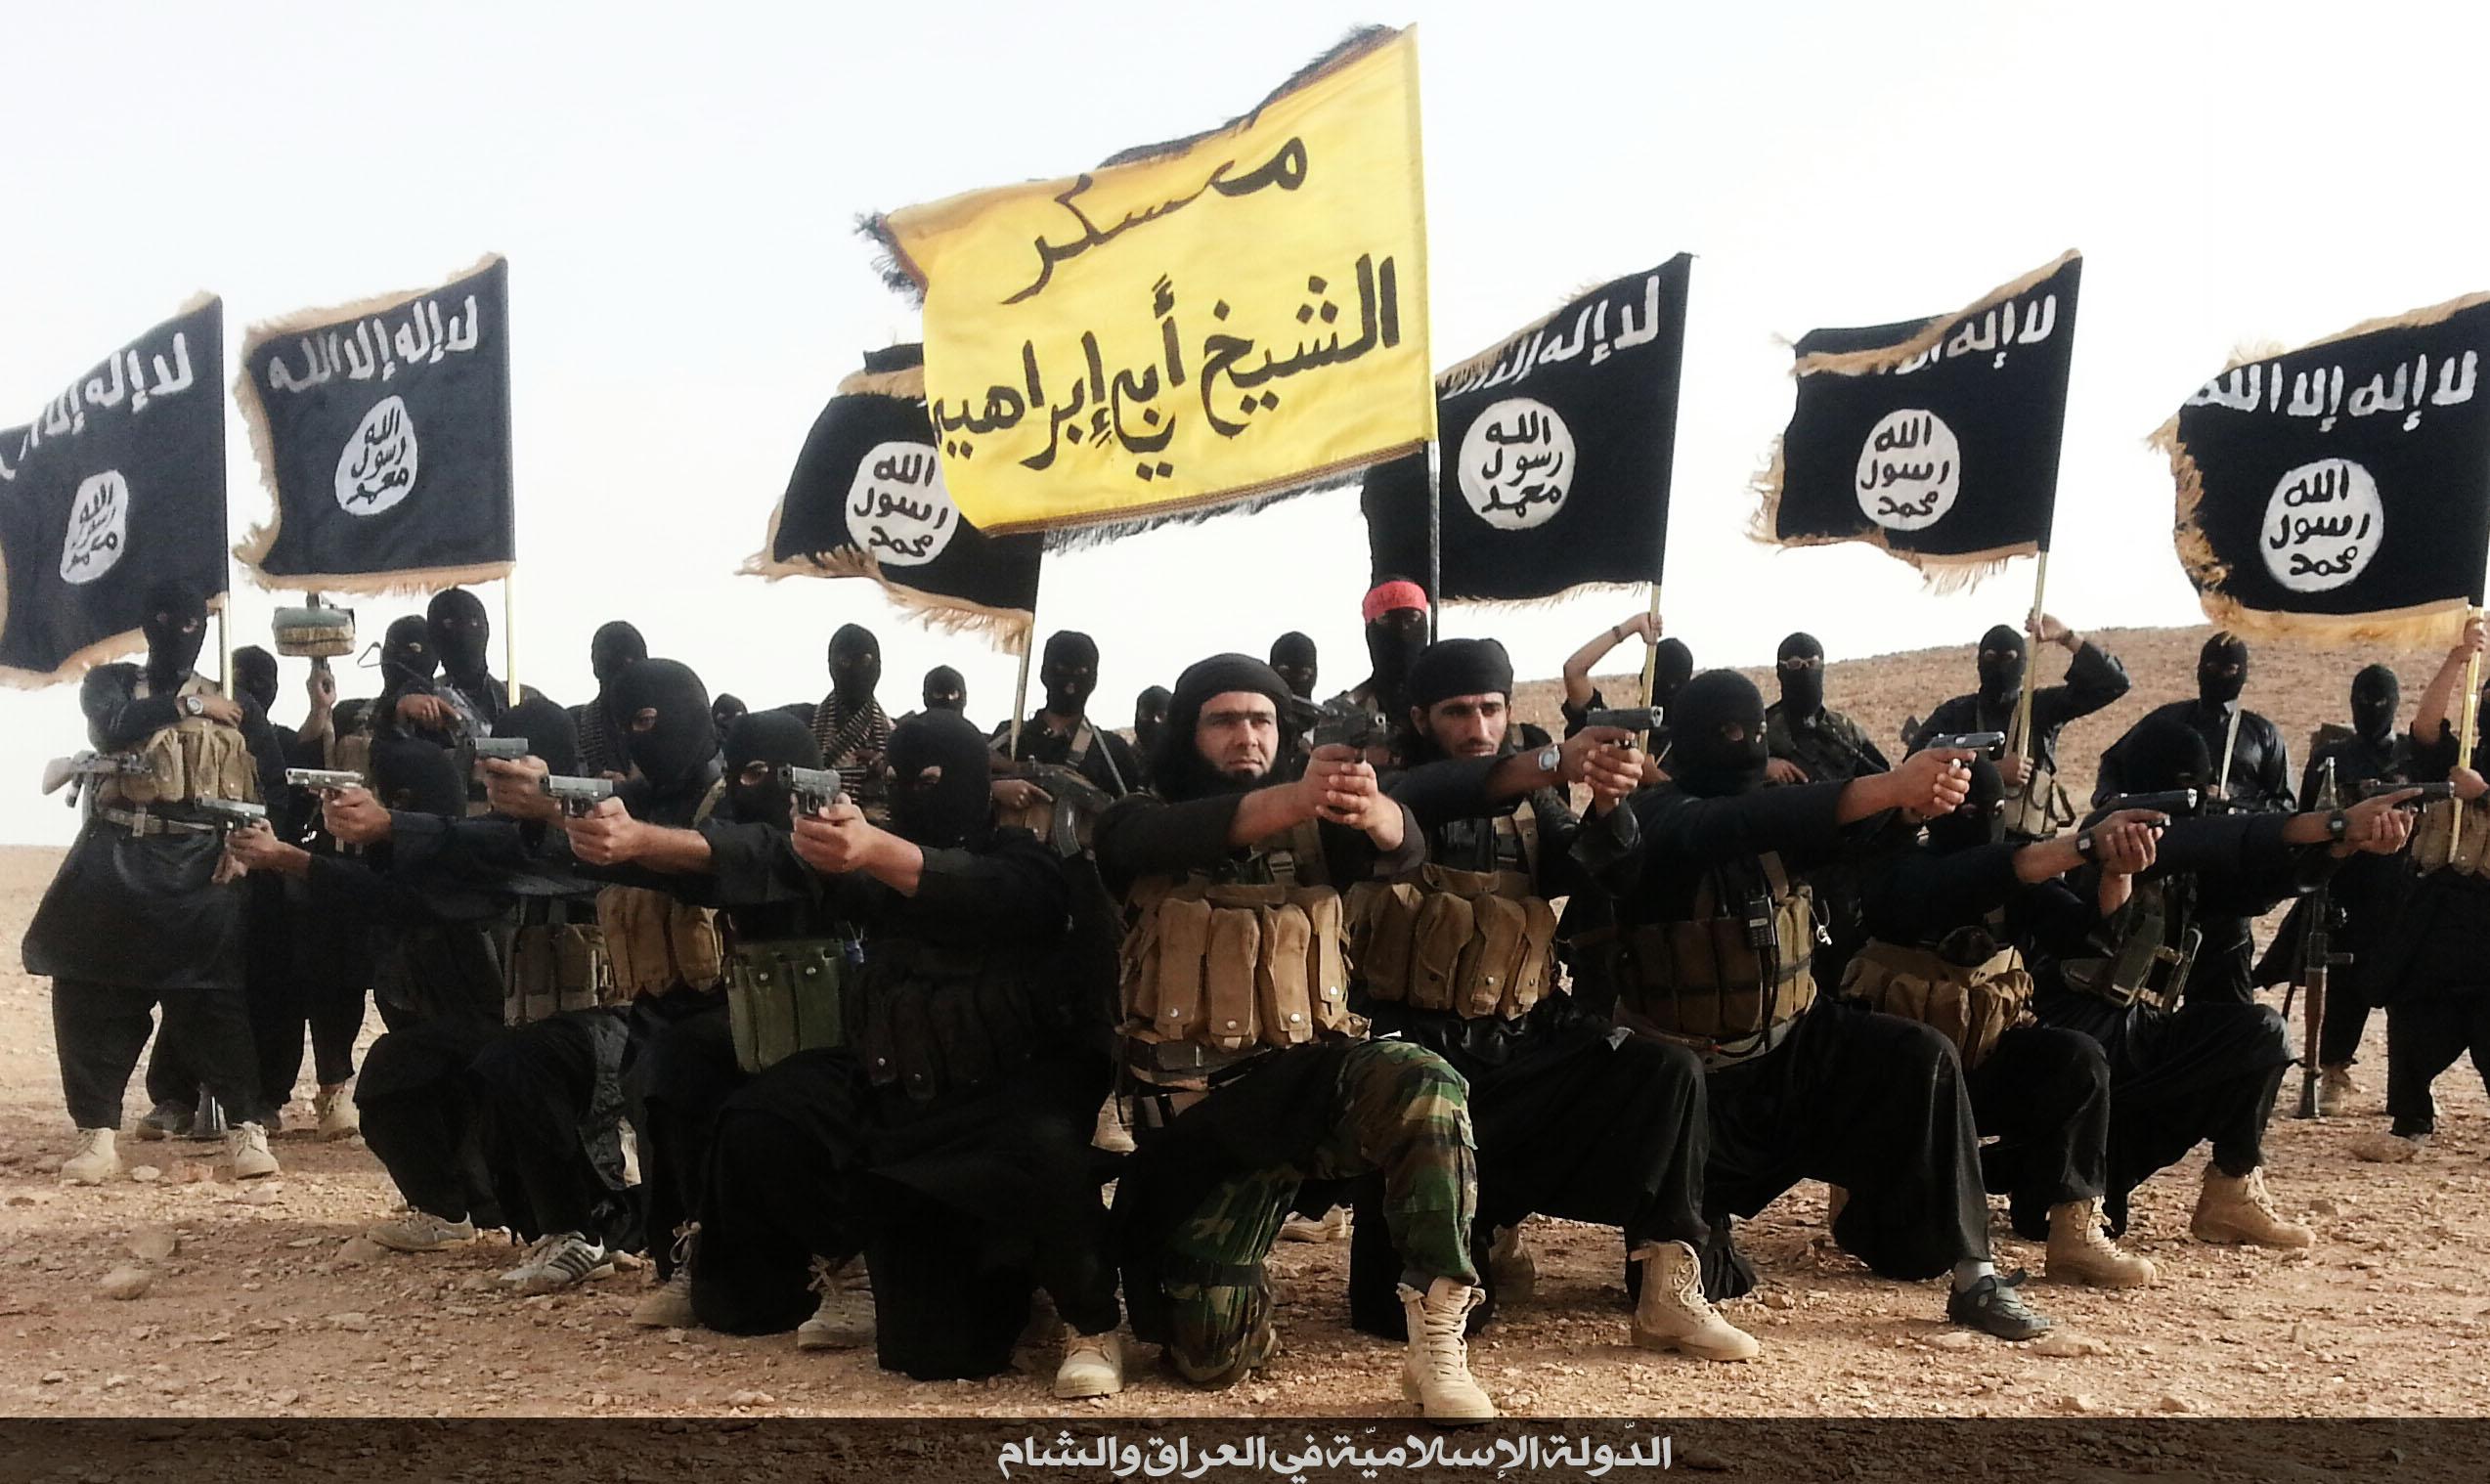 داعش درصدد حمله به عتبات عالیات در عراق